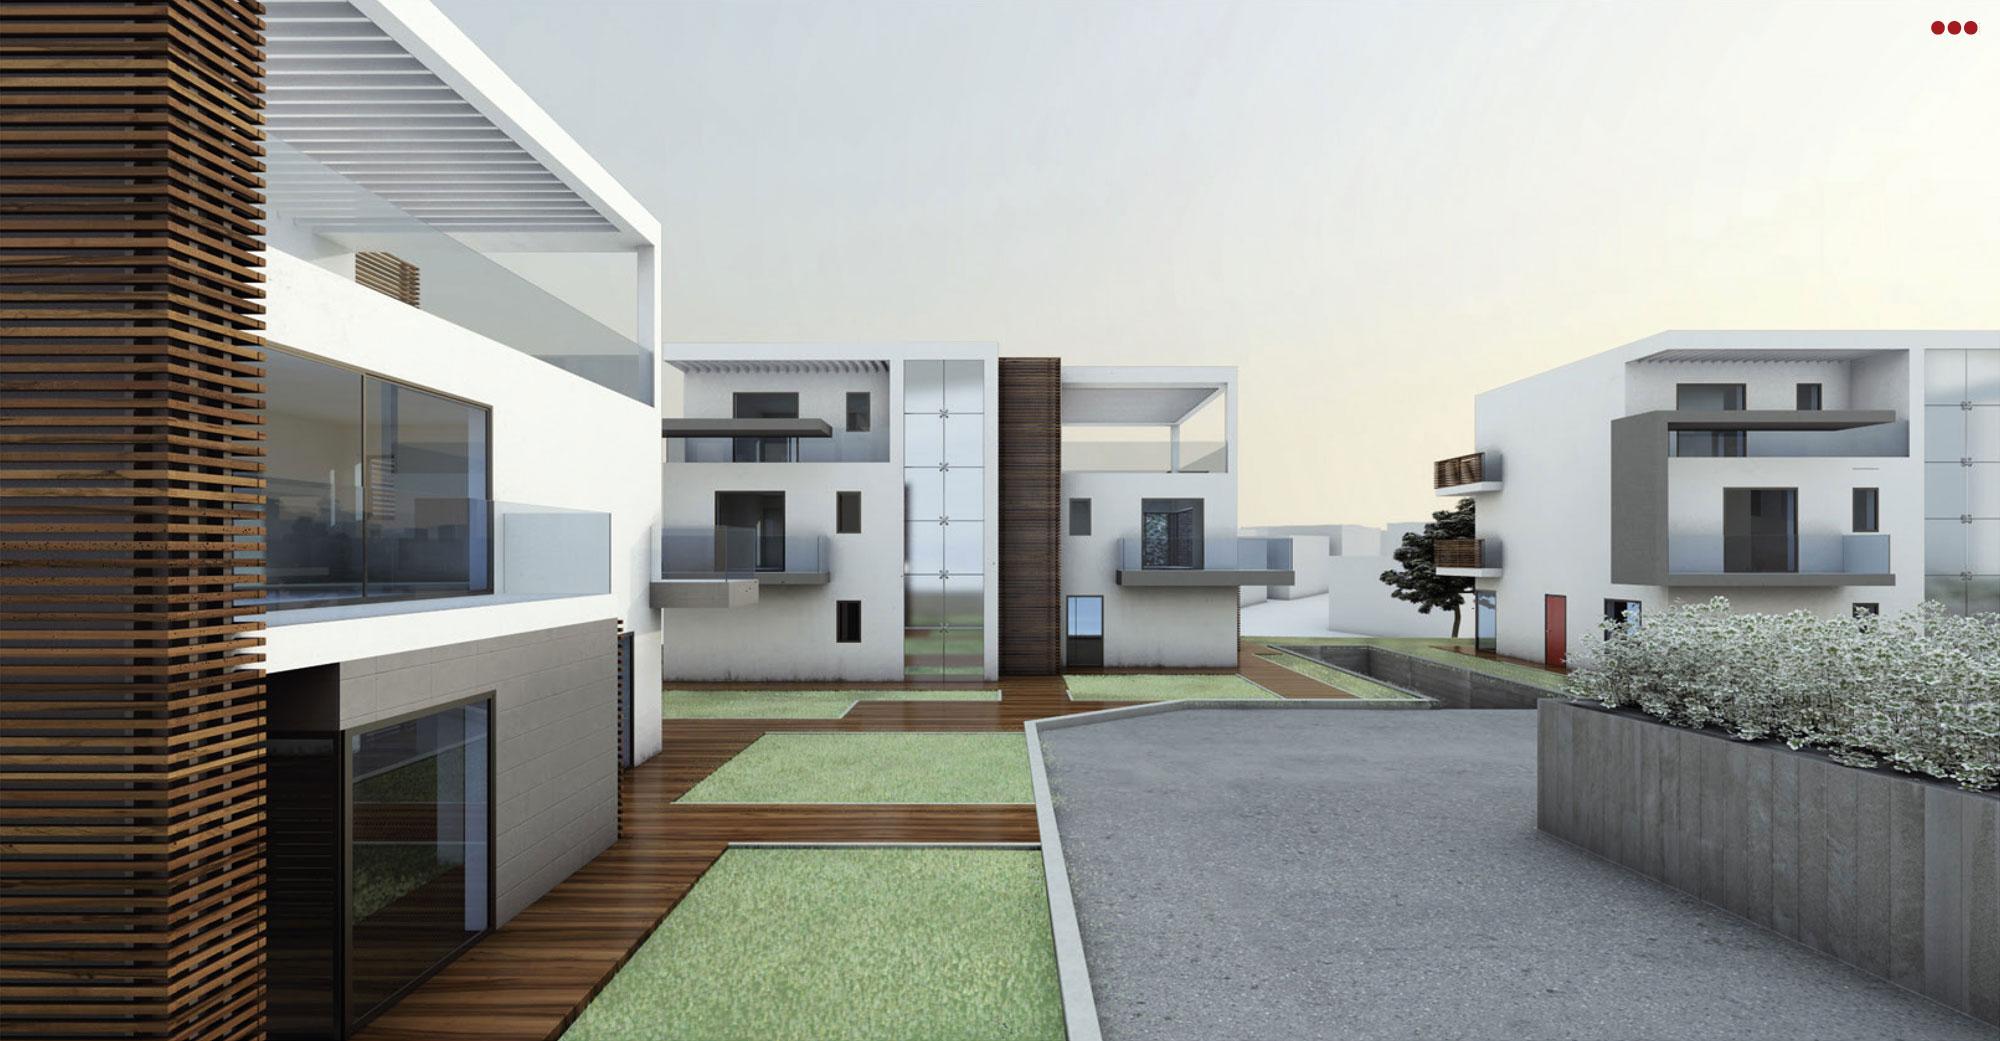 rendering 3d modeling architettura costruzioni studio bartolini gabicce rimini 10